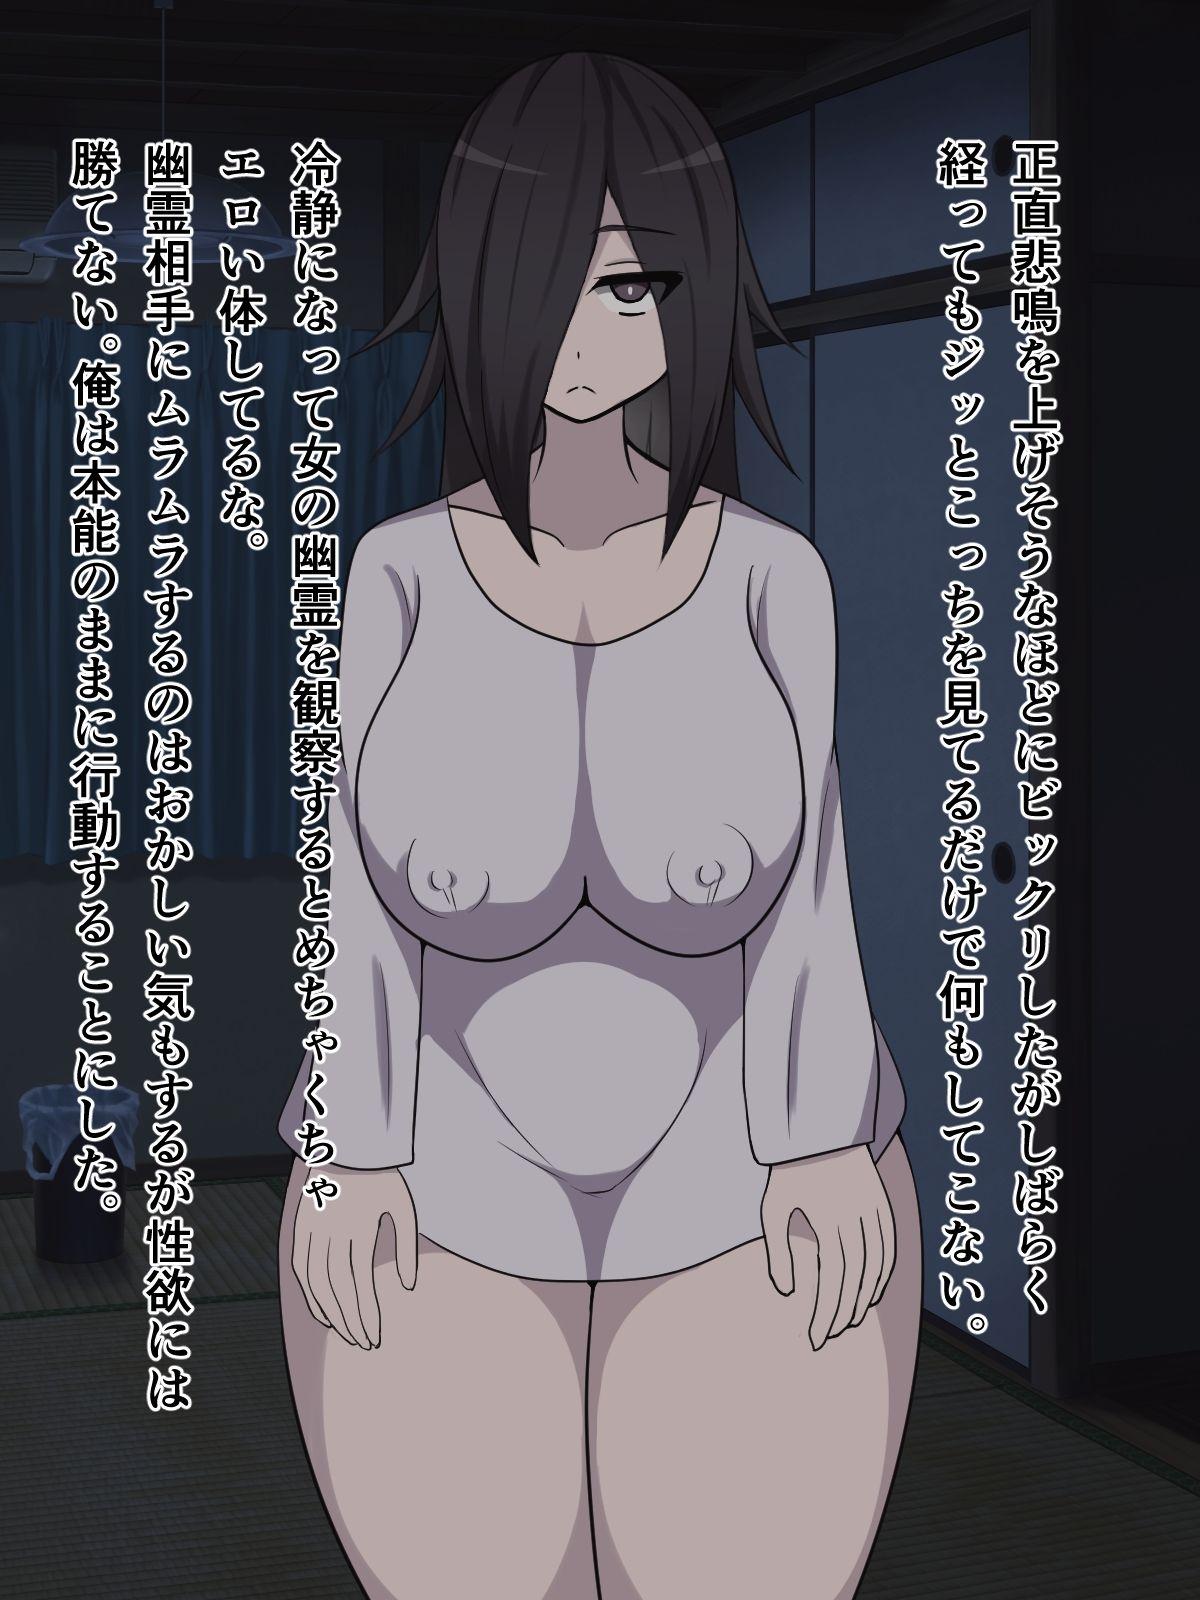 部屋に現れた幽霊がエロい体してたので性欲に負けてヤっちゃいました